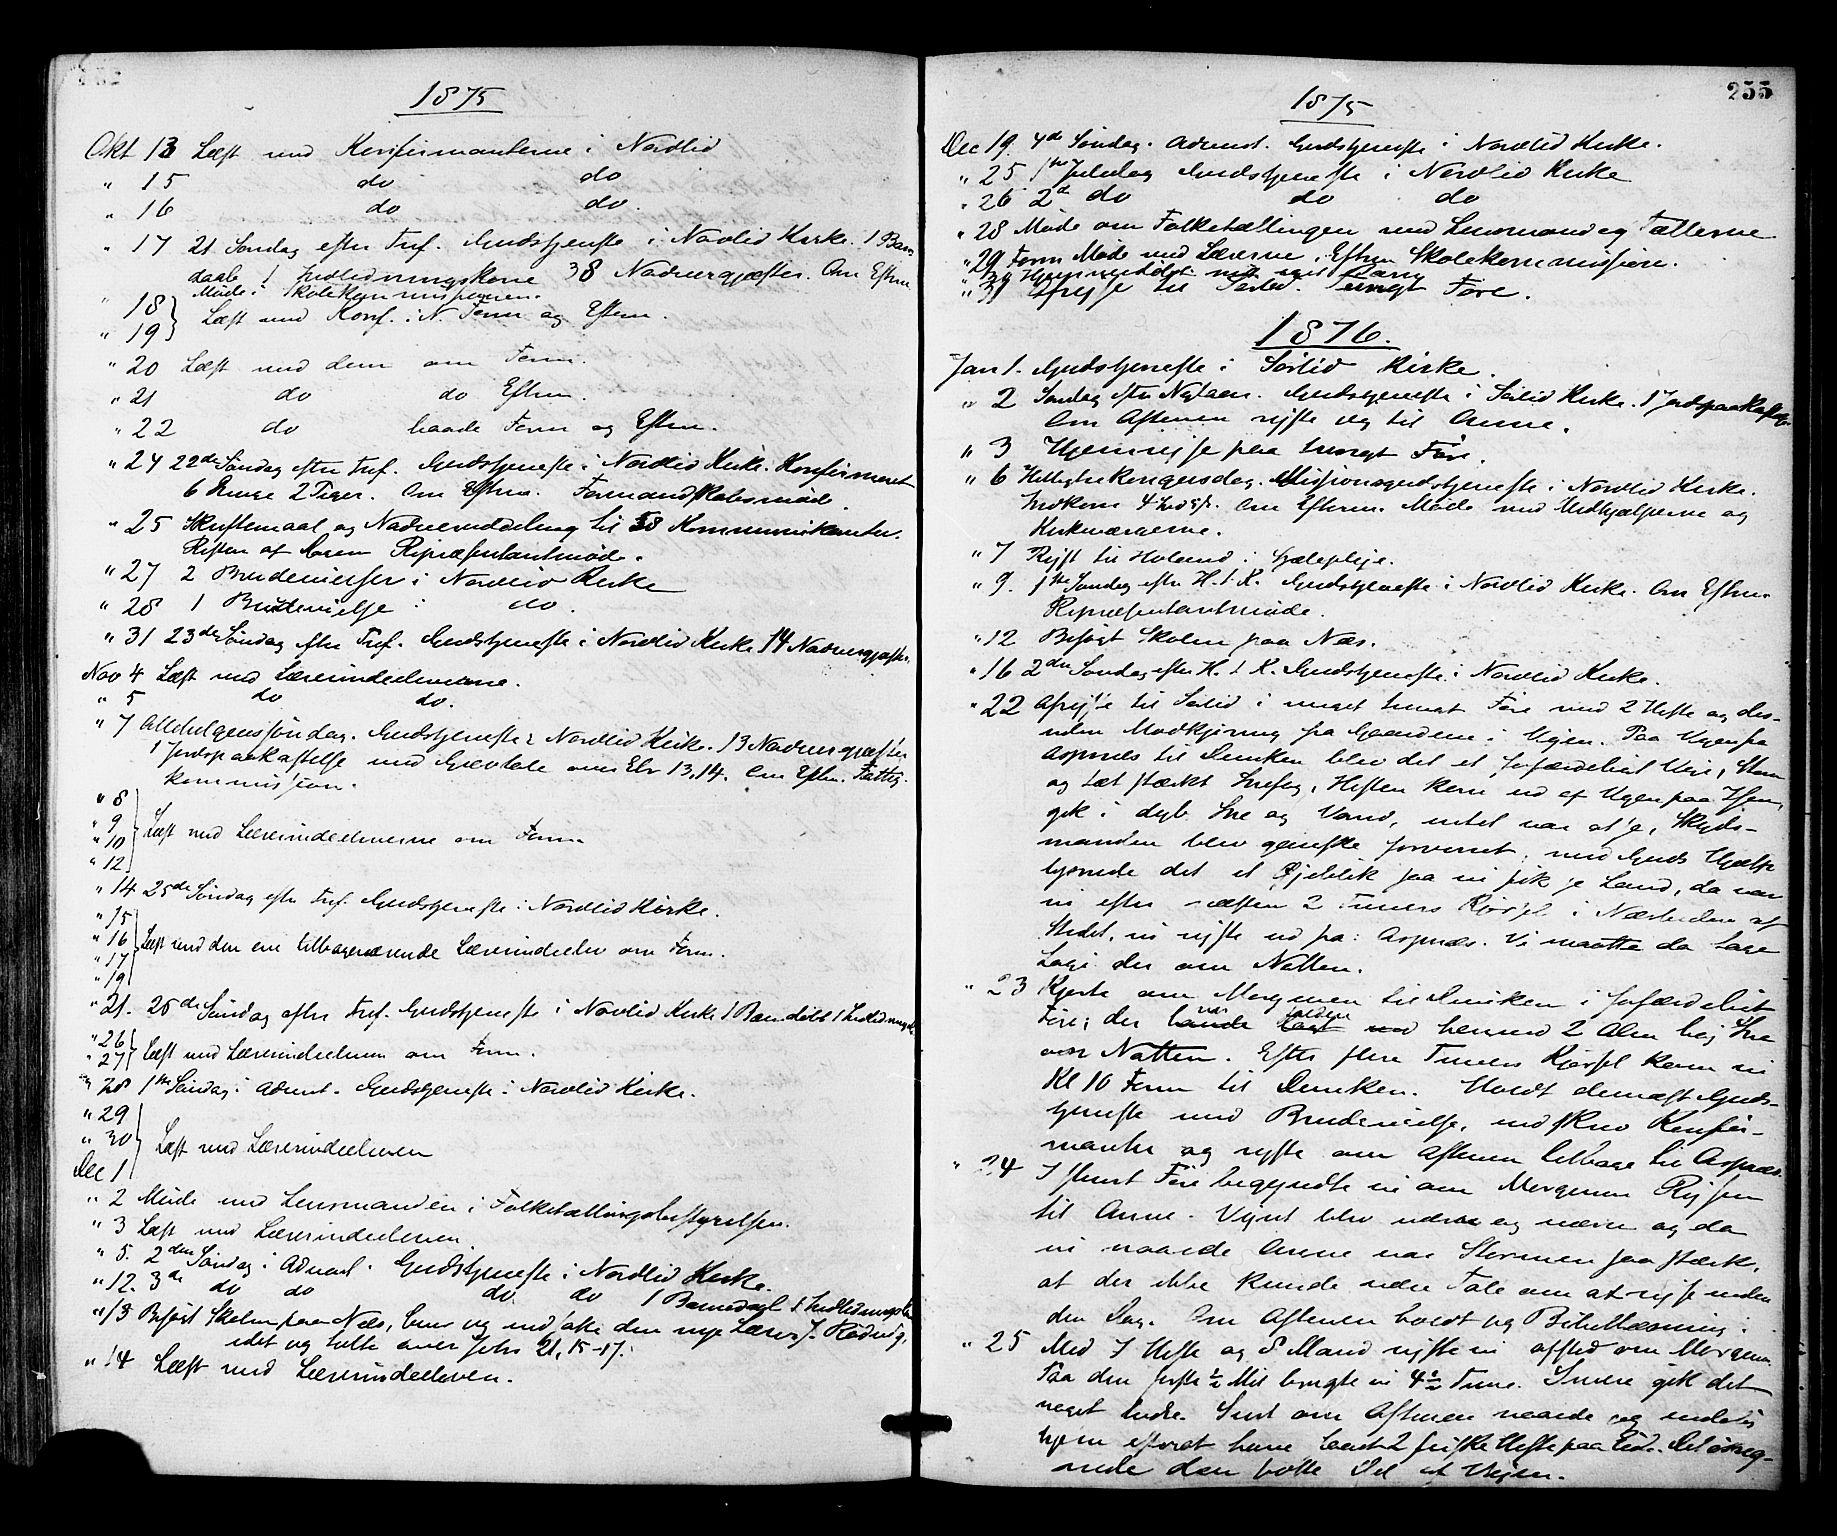 SAT, Ministerialprotokoller, klokkerbøker og fødselsregistre - Nord-Trøndelag, 755/L0493: Ministerialbok nr. 755A02, 1865-1881, s. 255